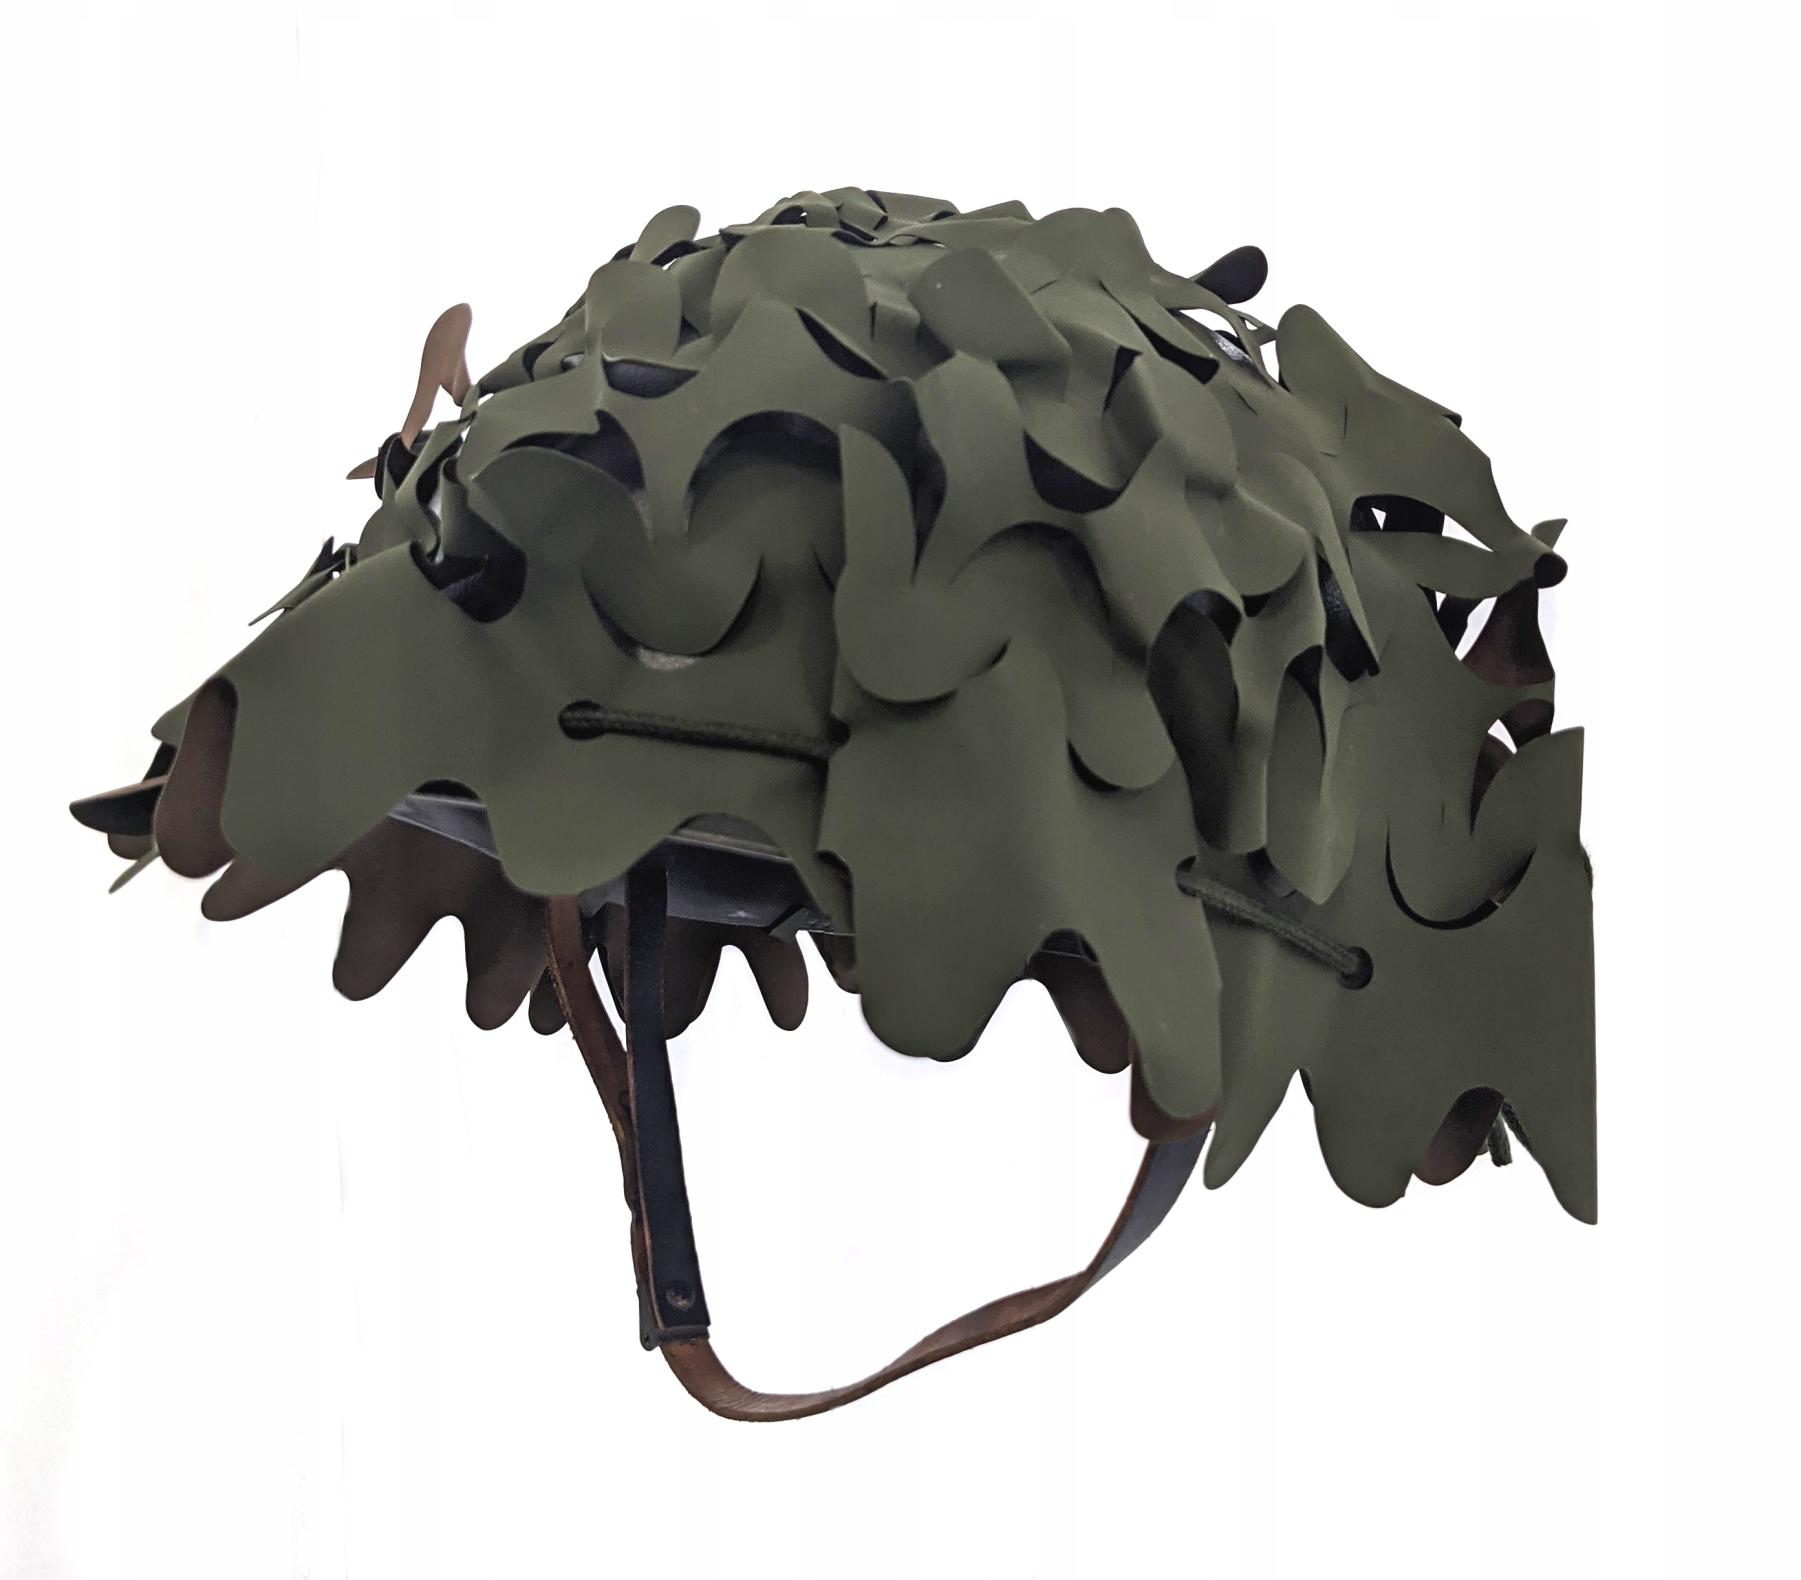 маскировочная сетка для шлема DPM woodland wz93 3D FR